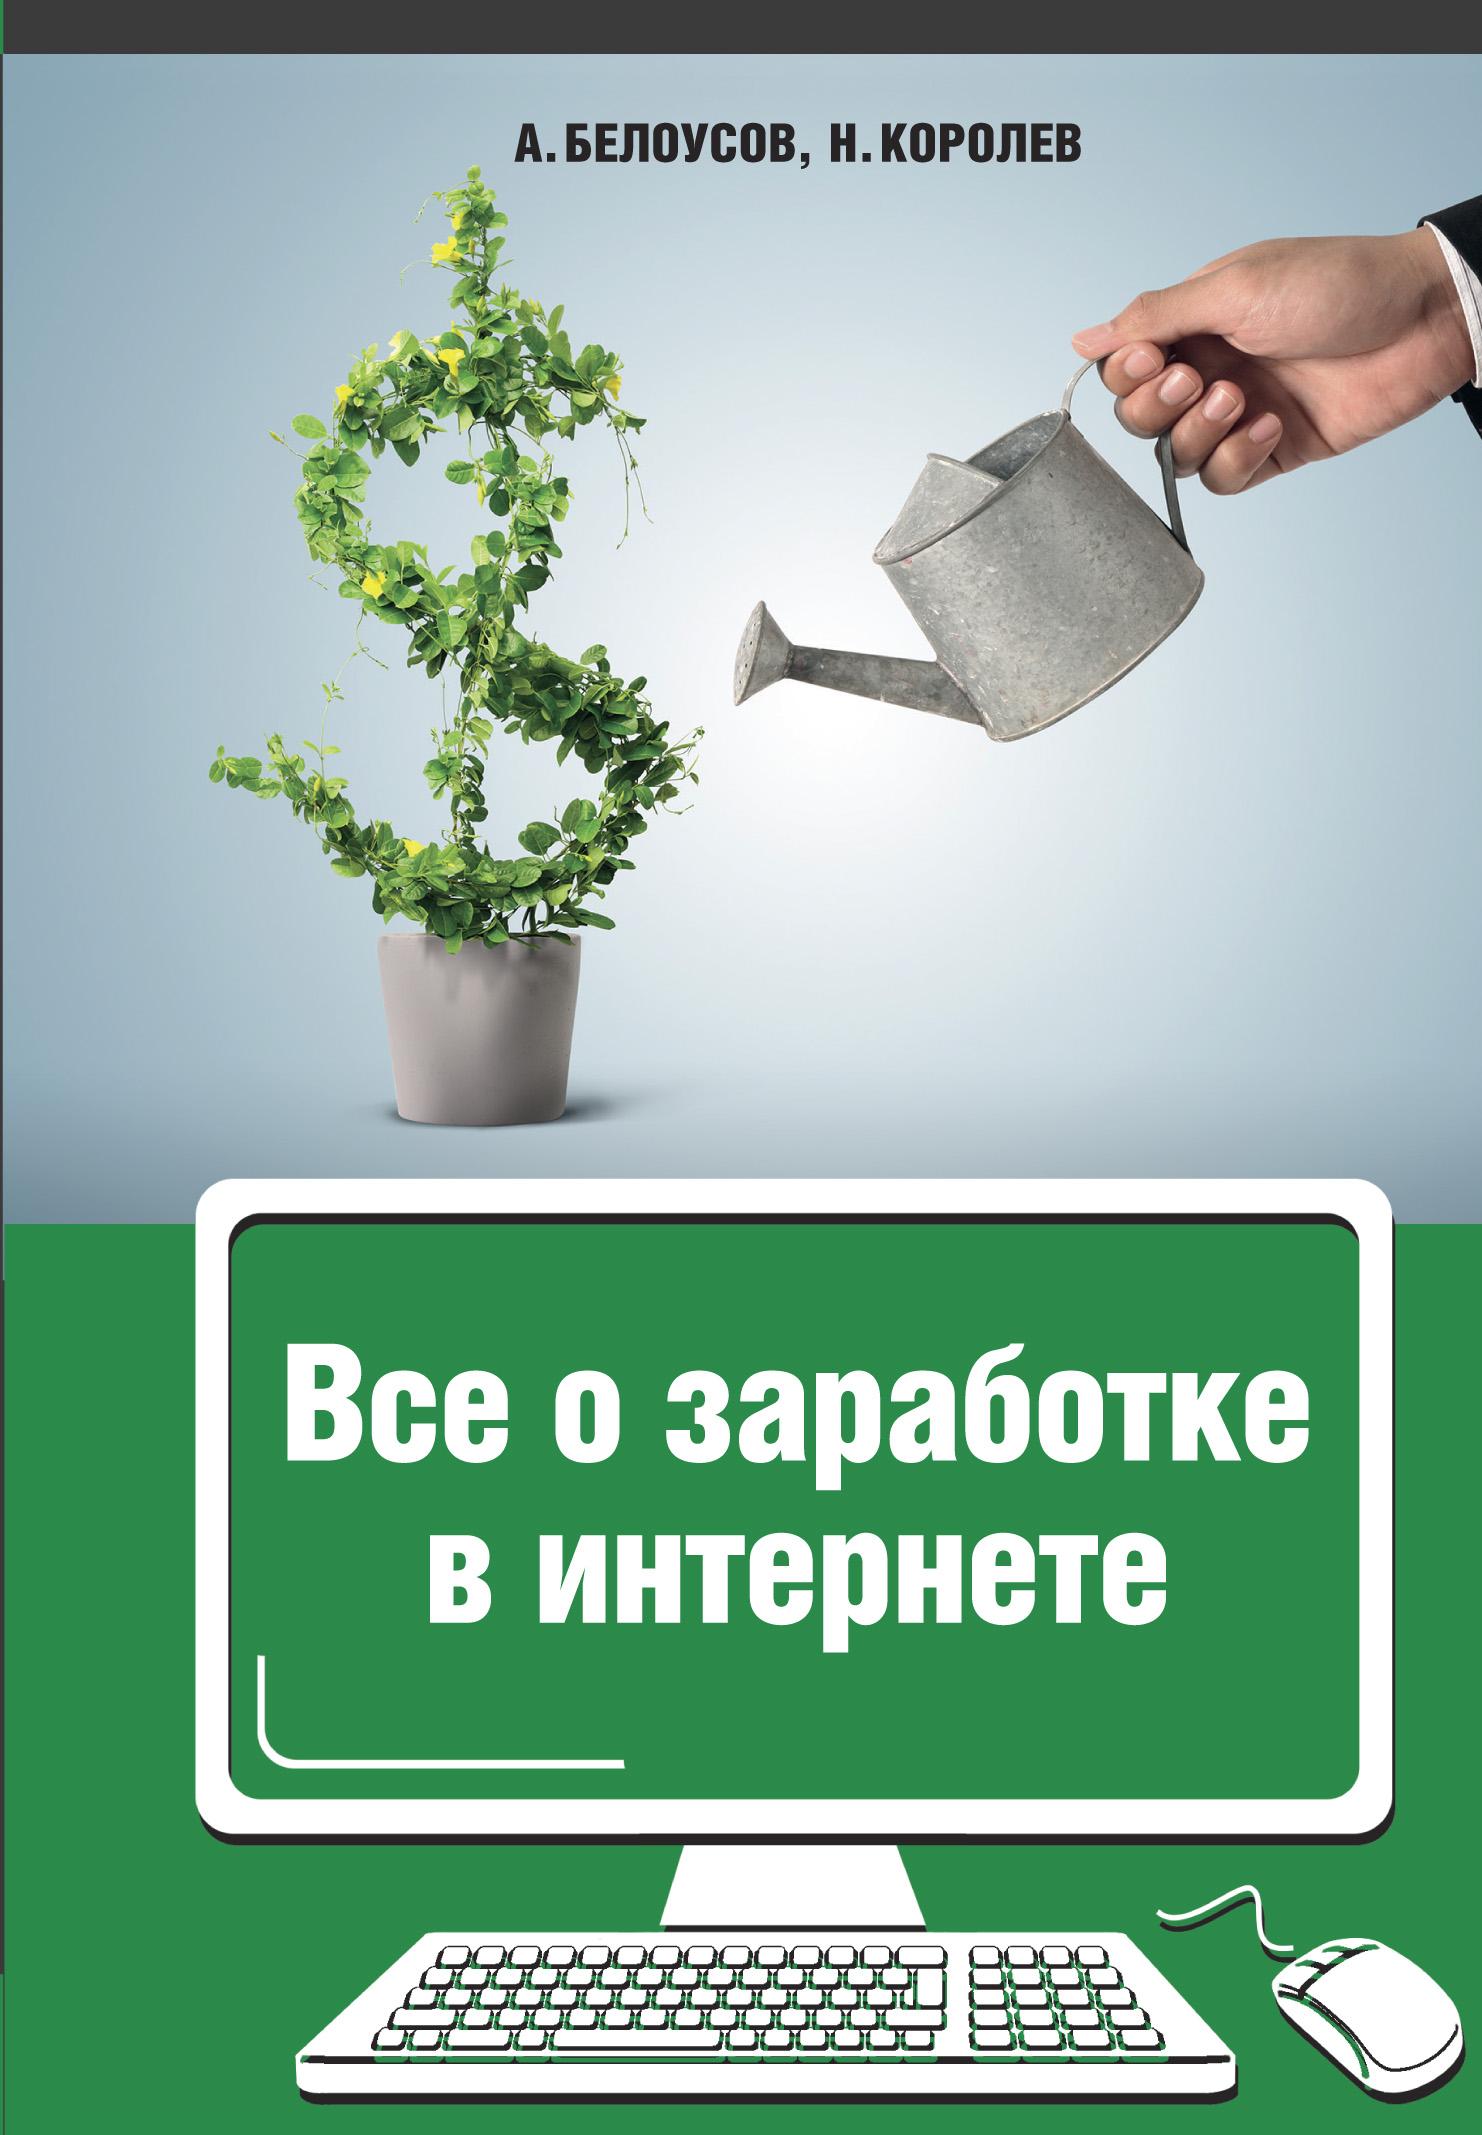 Все о заработке в интернете ( Белоусов А.А., Королёв Н.Ю.  )